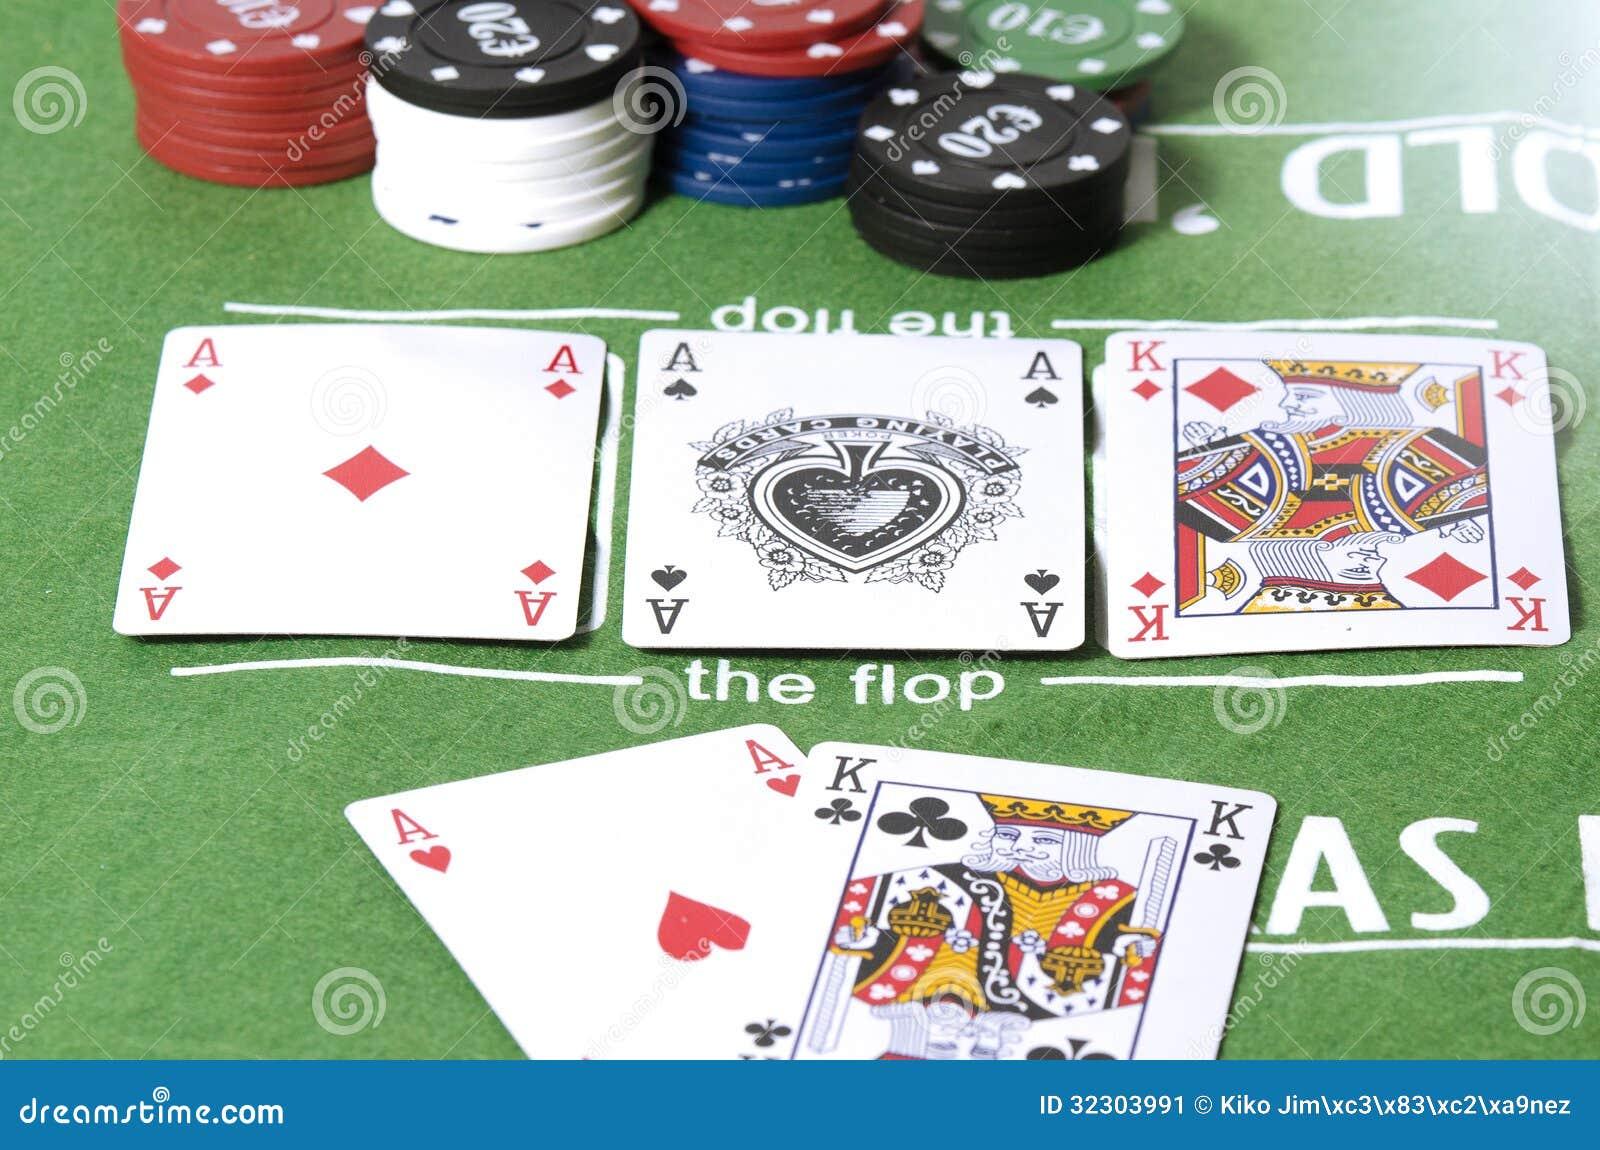 aces full of kings poker room